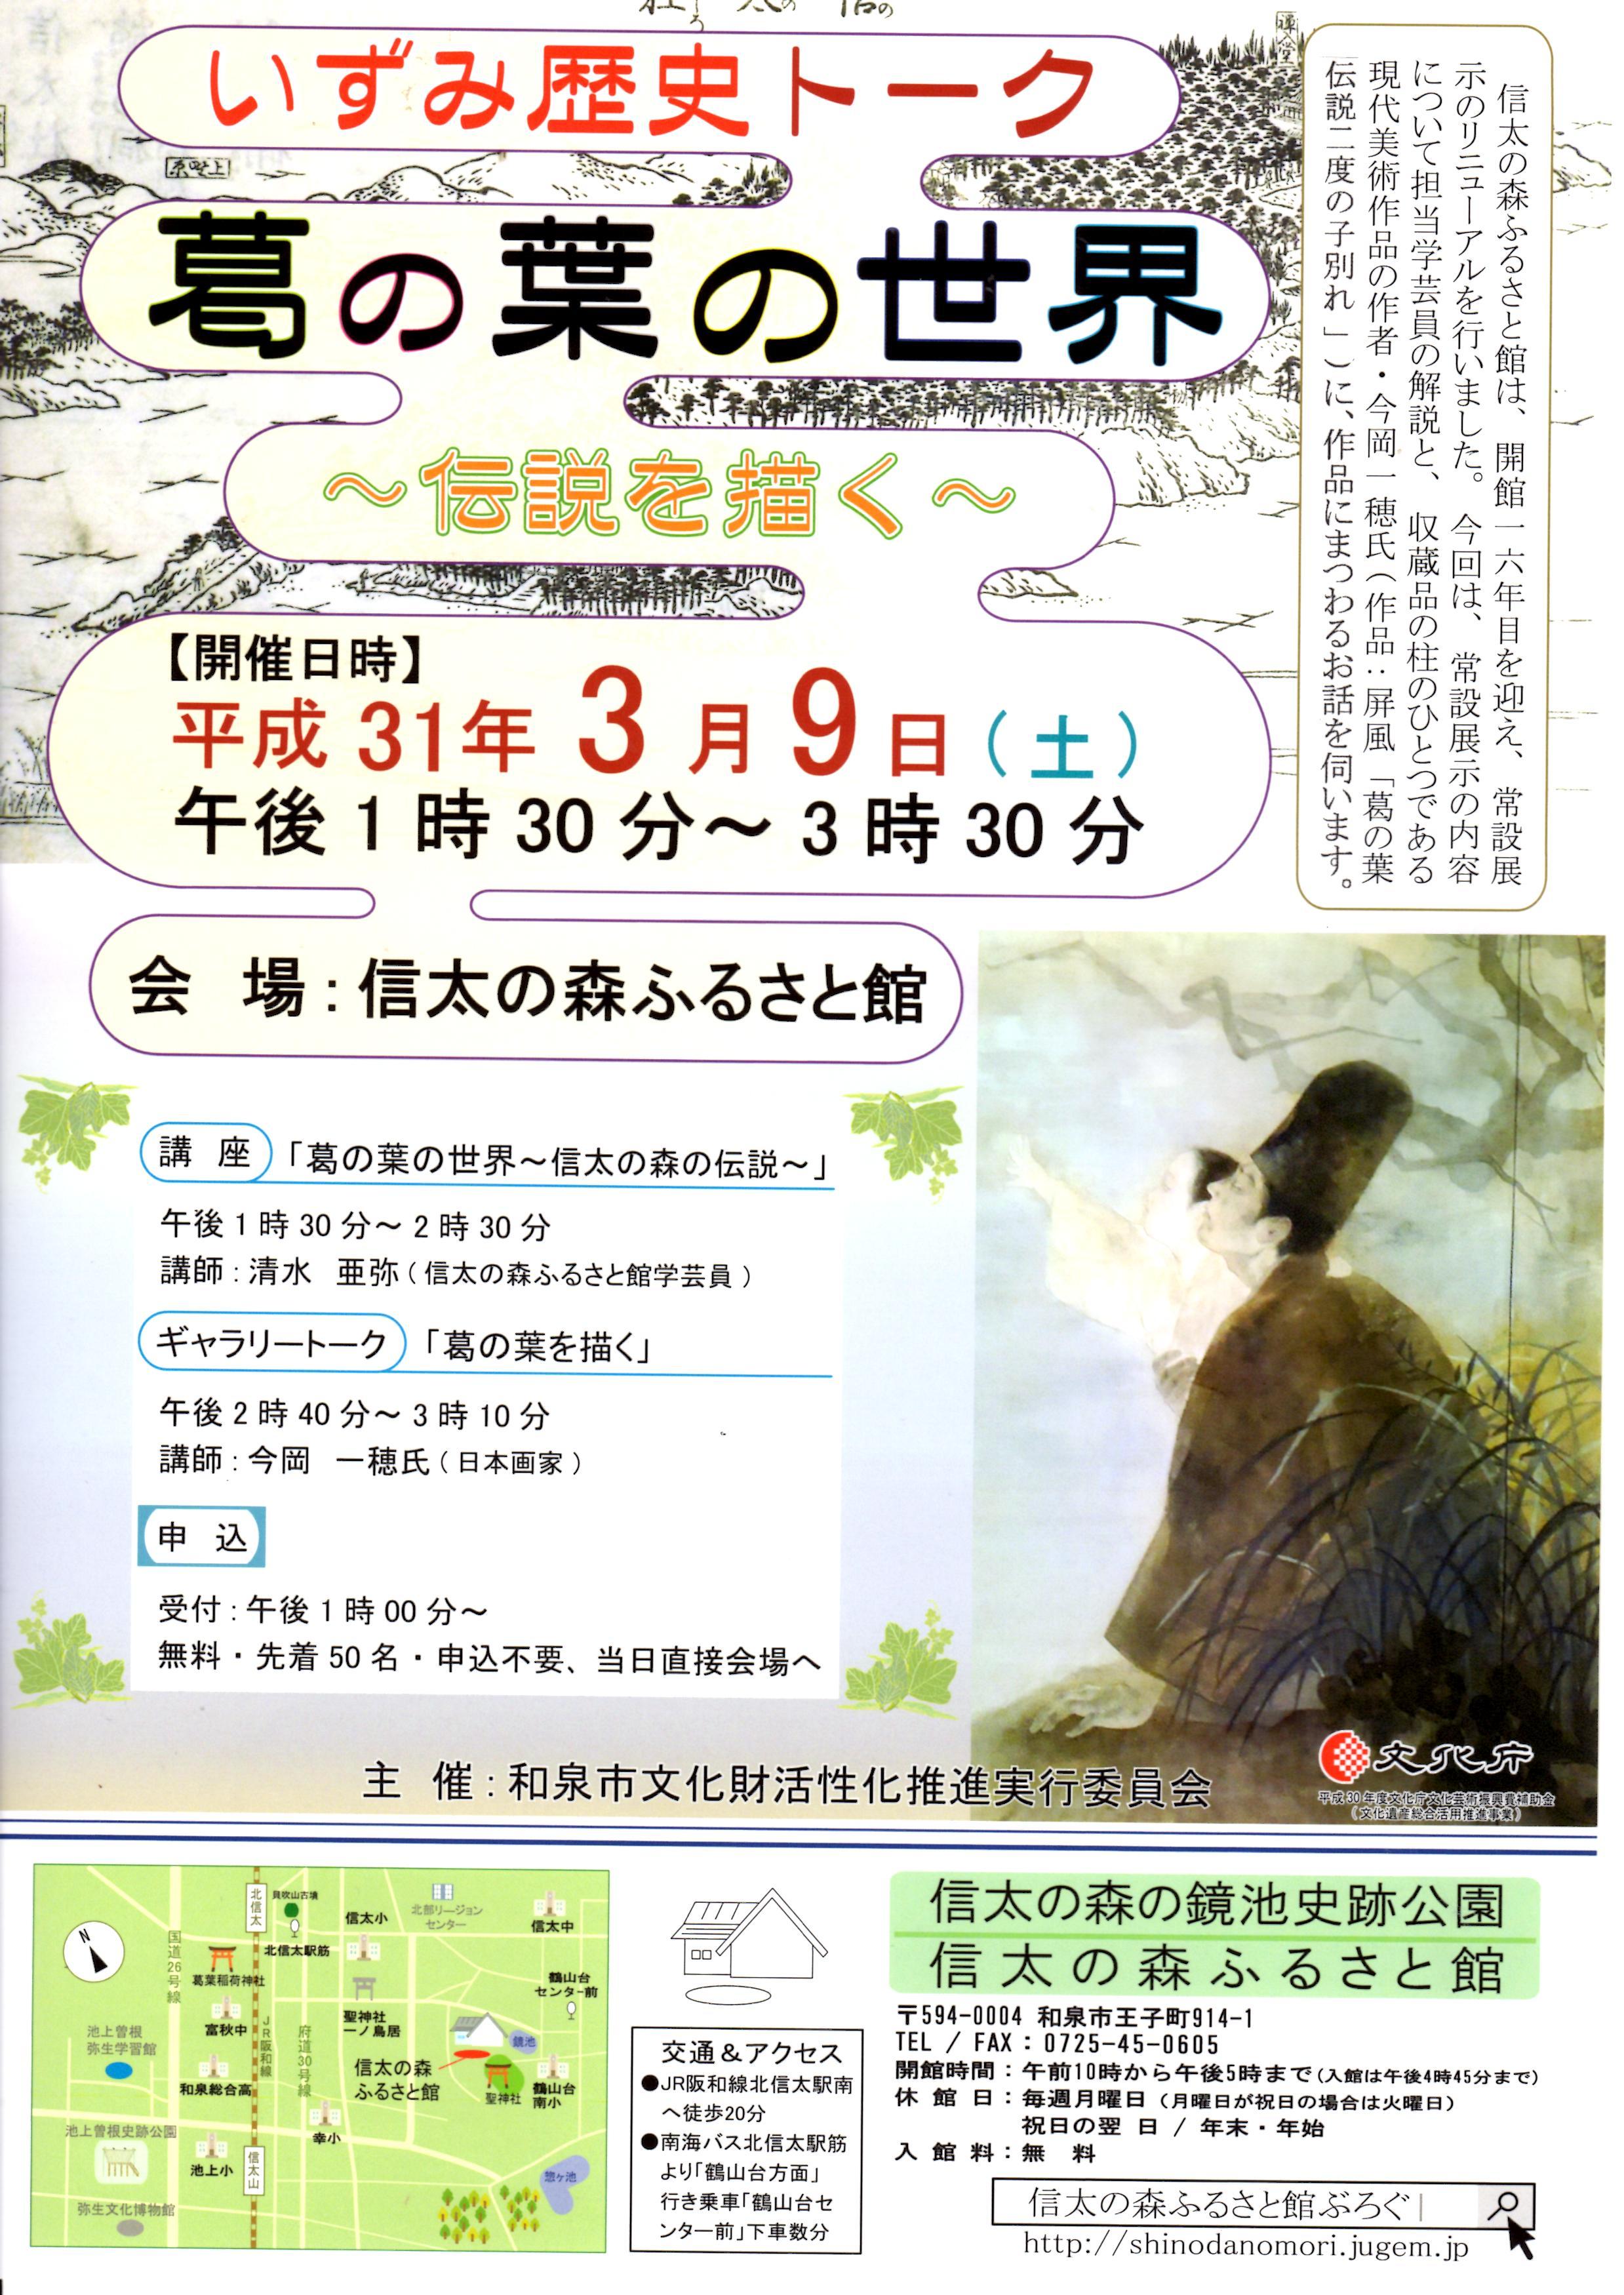 葛の葉の世界~伝説を描く~信太の森ふるさと館